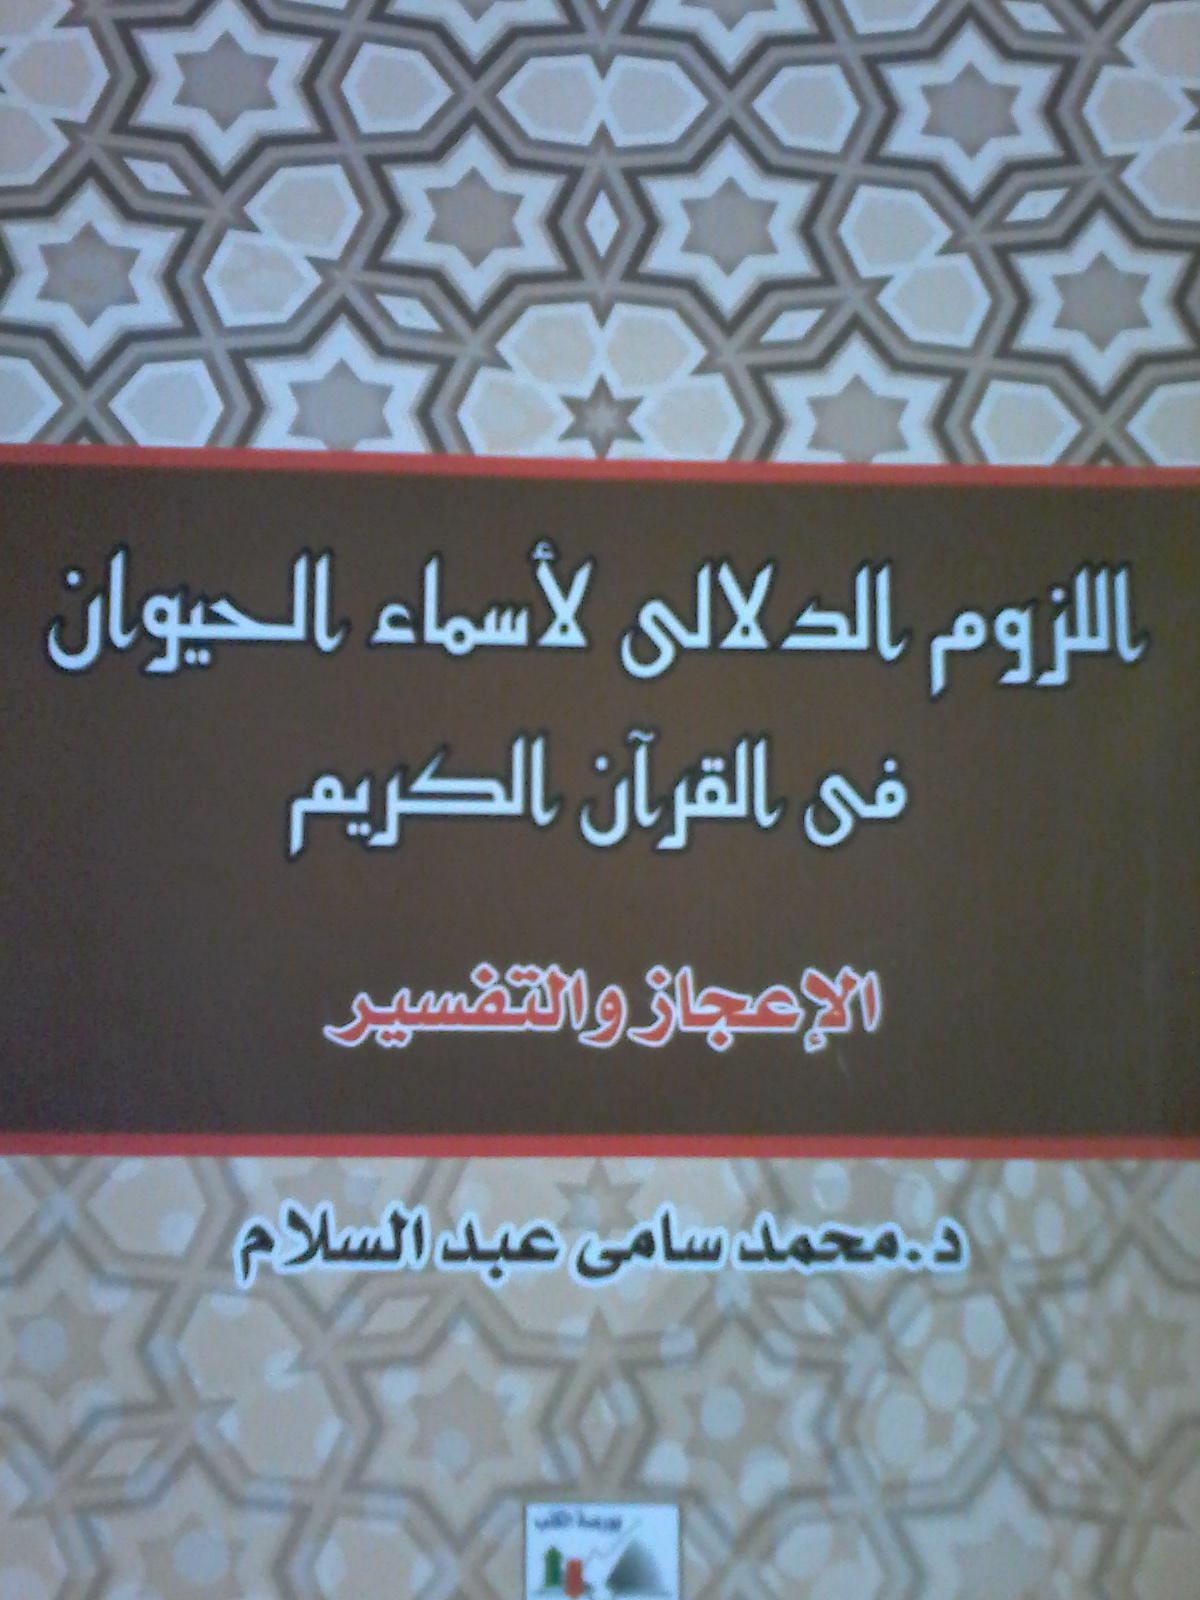 تحميل كتاب اللزوم الدلالي لأسماء الحيوان في القرآن الكريم لـِ: الدكتور محمد سامي عبد السلام